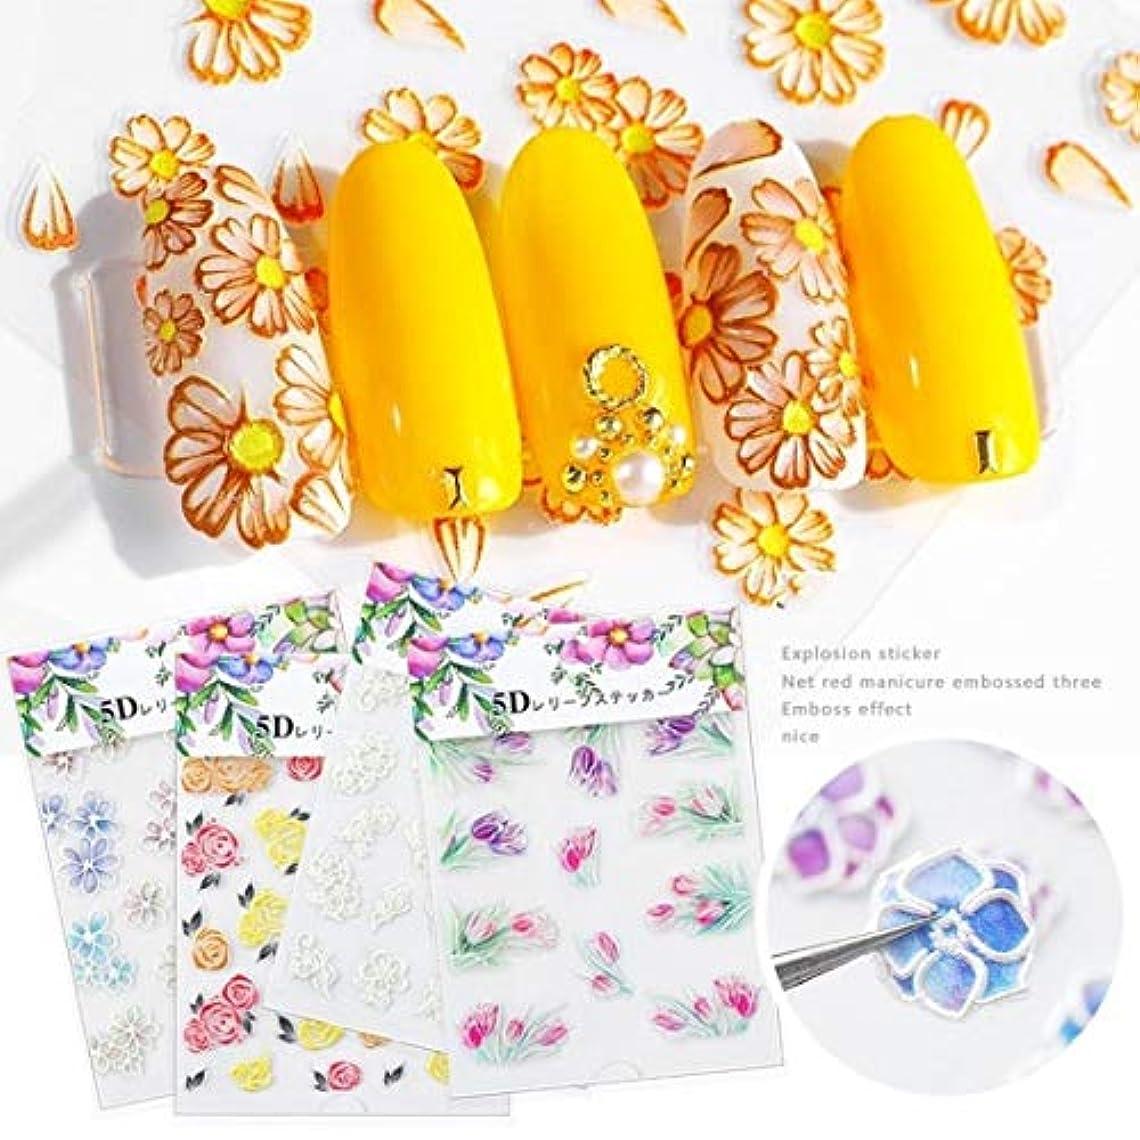 から聞く既婚開いたOWNFSKNL 5Dネイルステッカーセット10枚の花柄自己粘着転写デカールネイルアートマニキュア装飾ツール